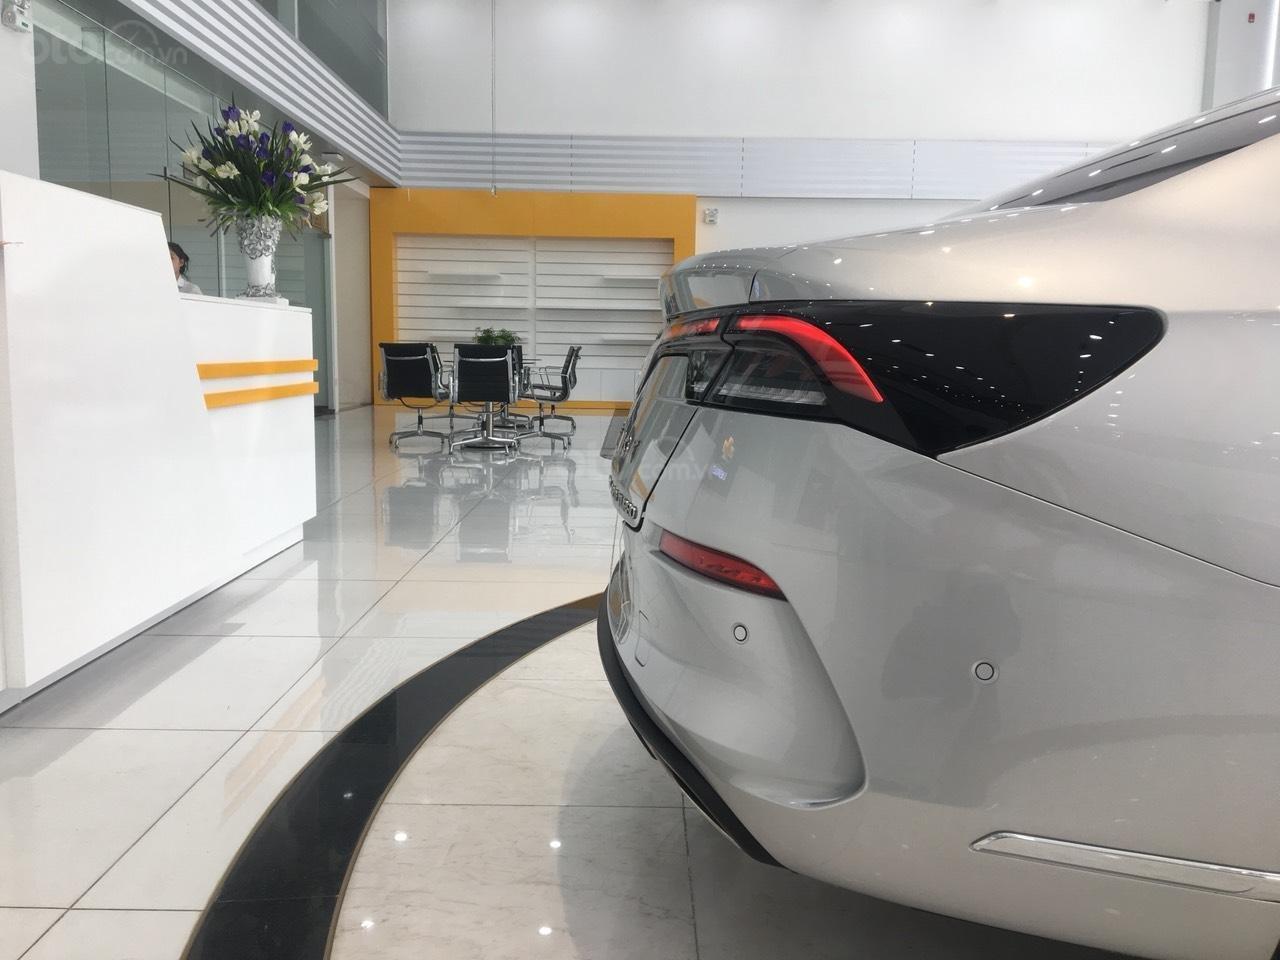 Bán xe VinFast LUX A2.0 full-Da Nappa Nâu 2019, màu bạc 0911234775 em Long (11)